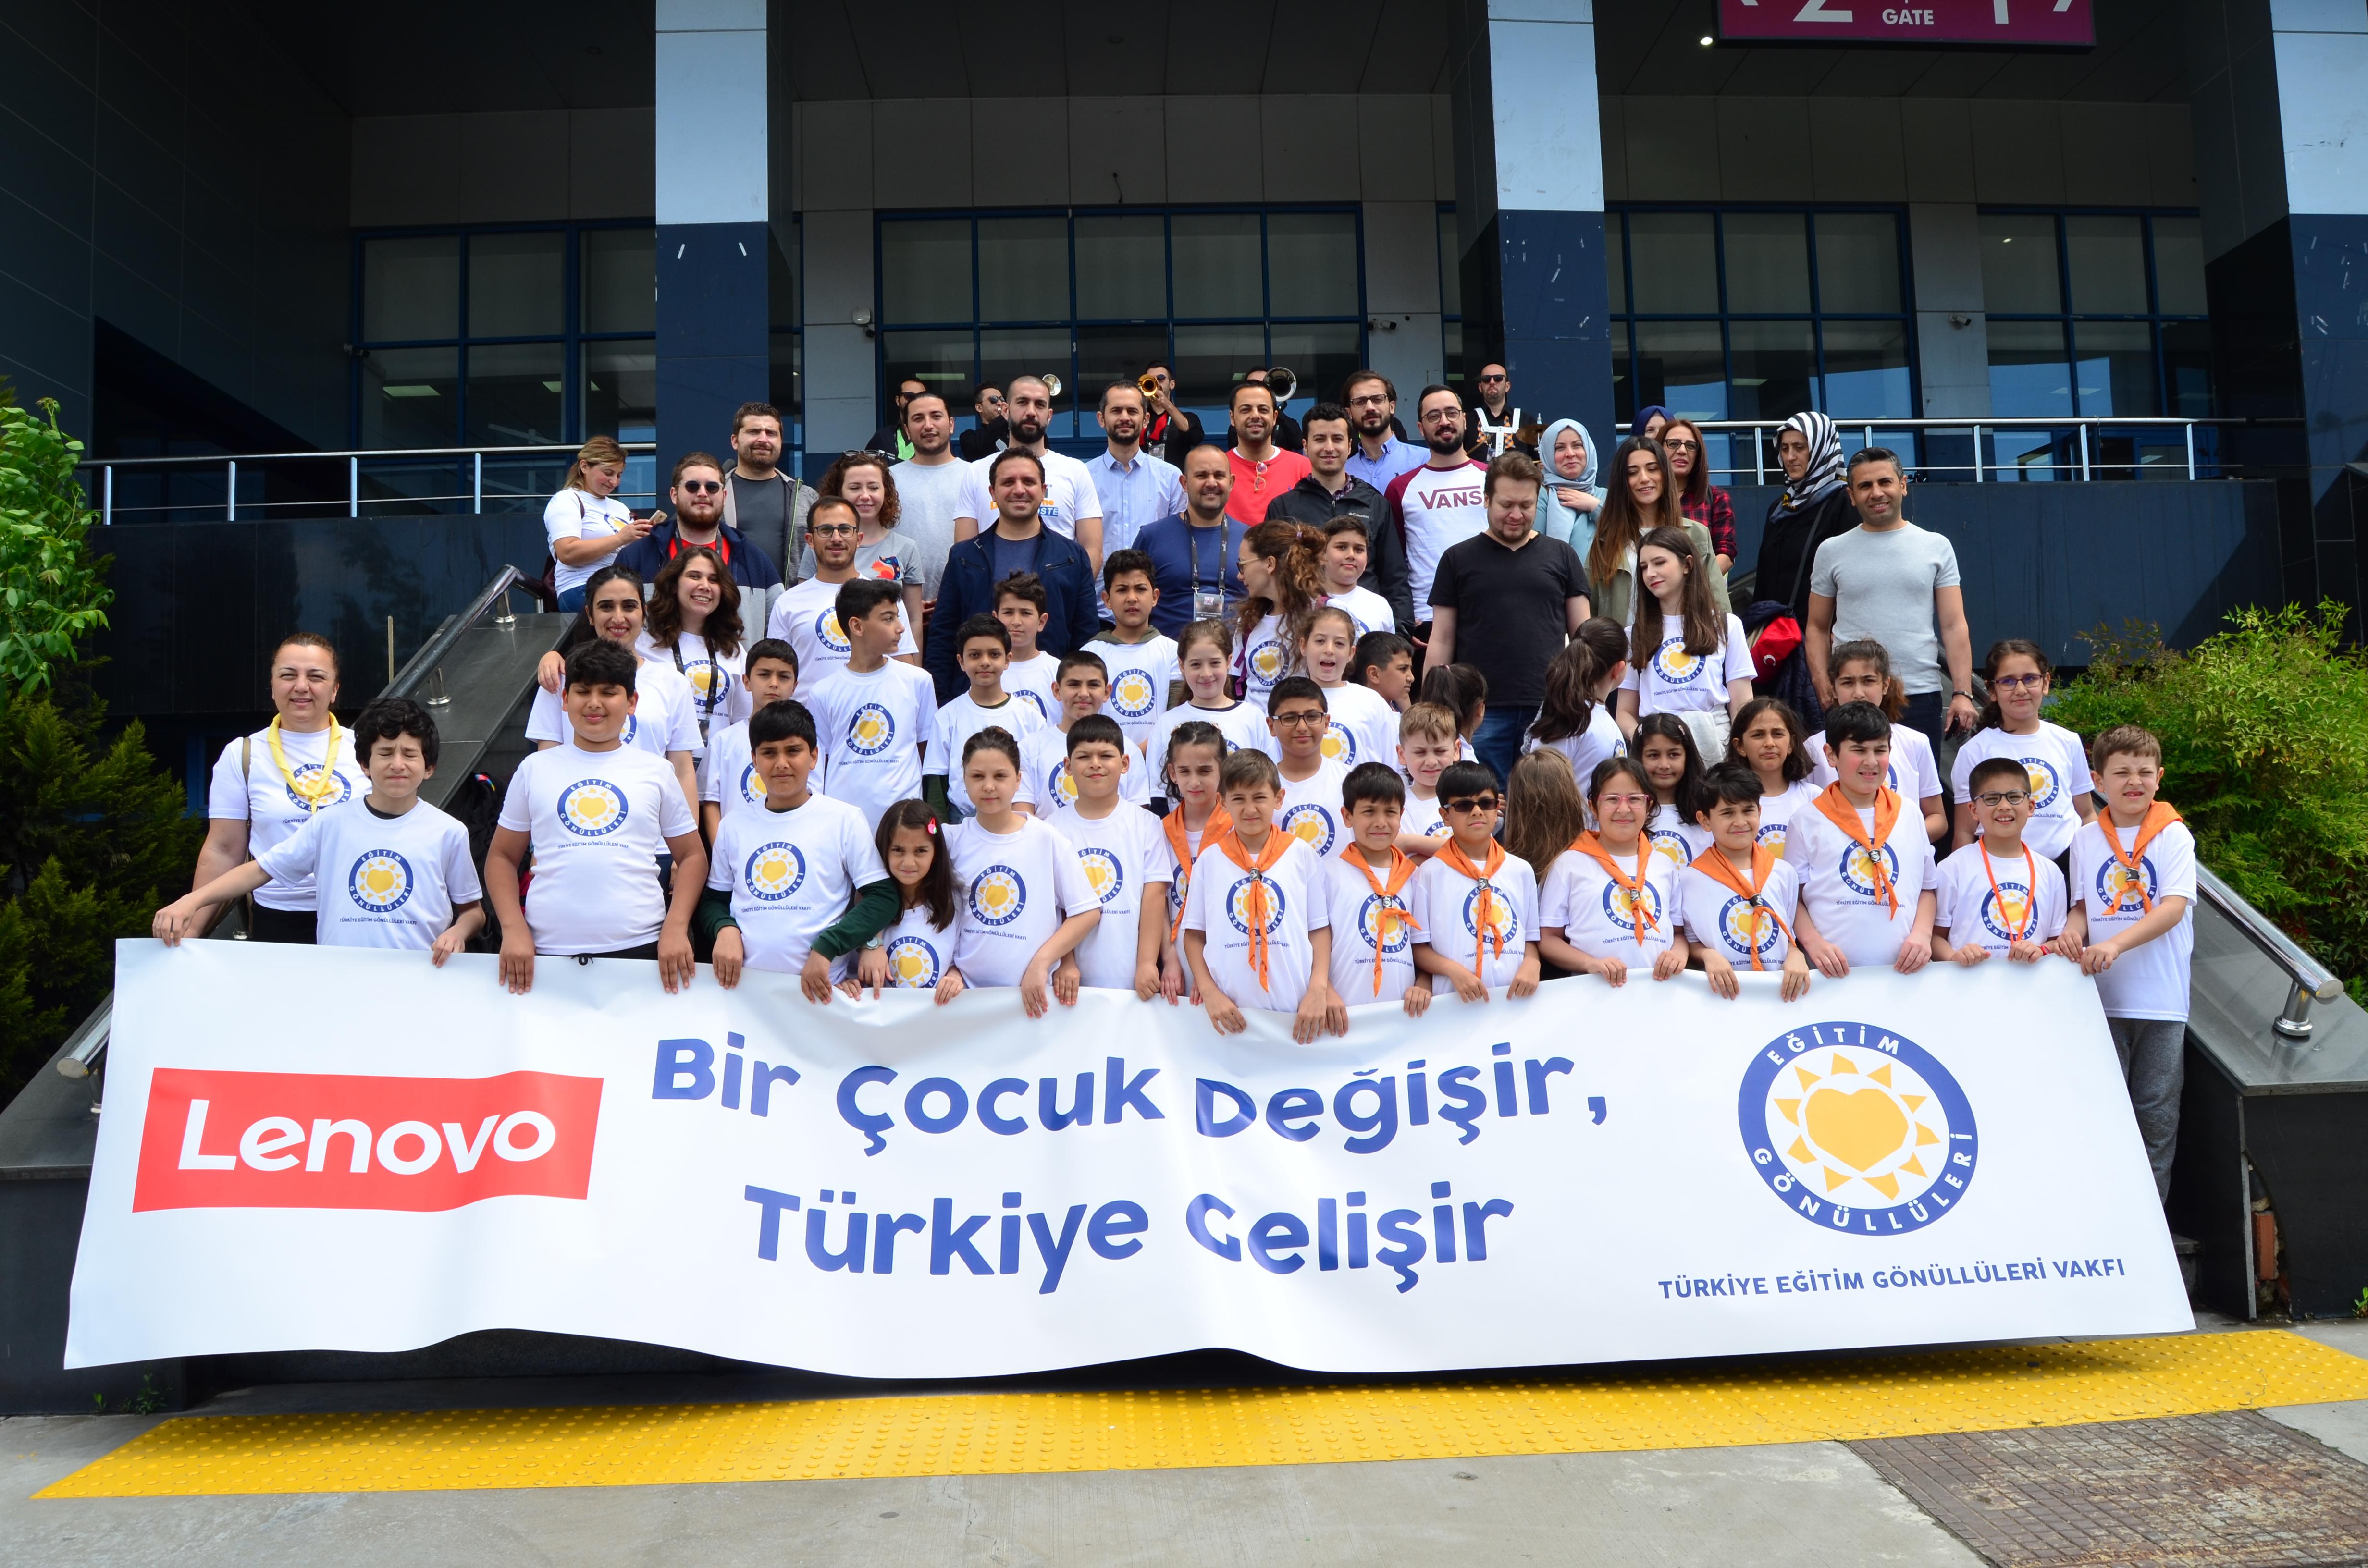 TBF Gençler Ligi Dörtlü Finalinde Çocuklarımız Tribünleri Şenlendirdi_KAPAK (1)